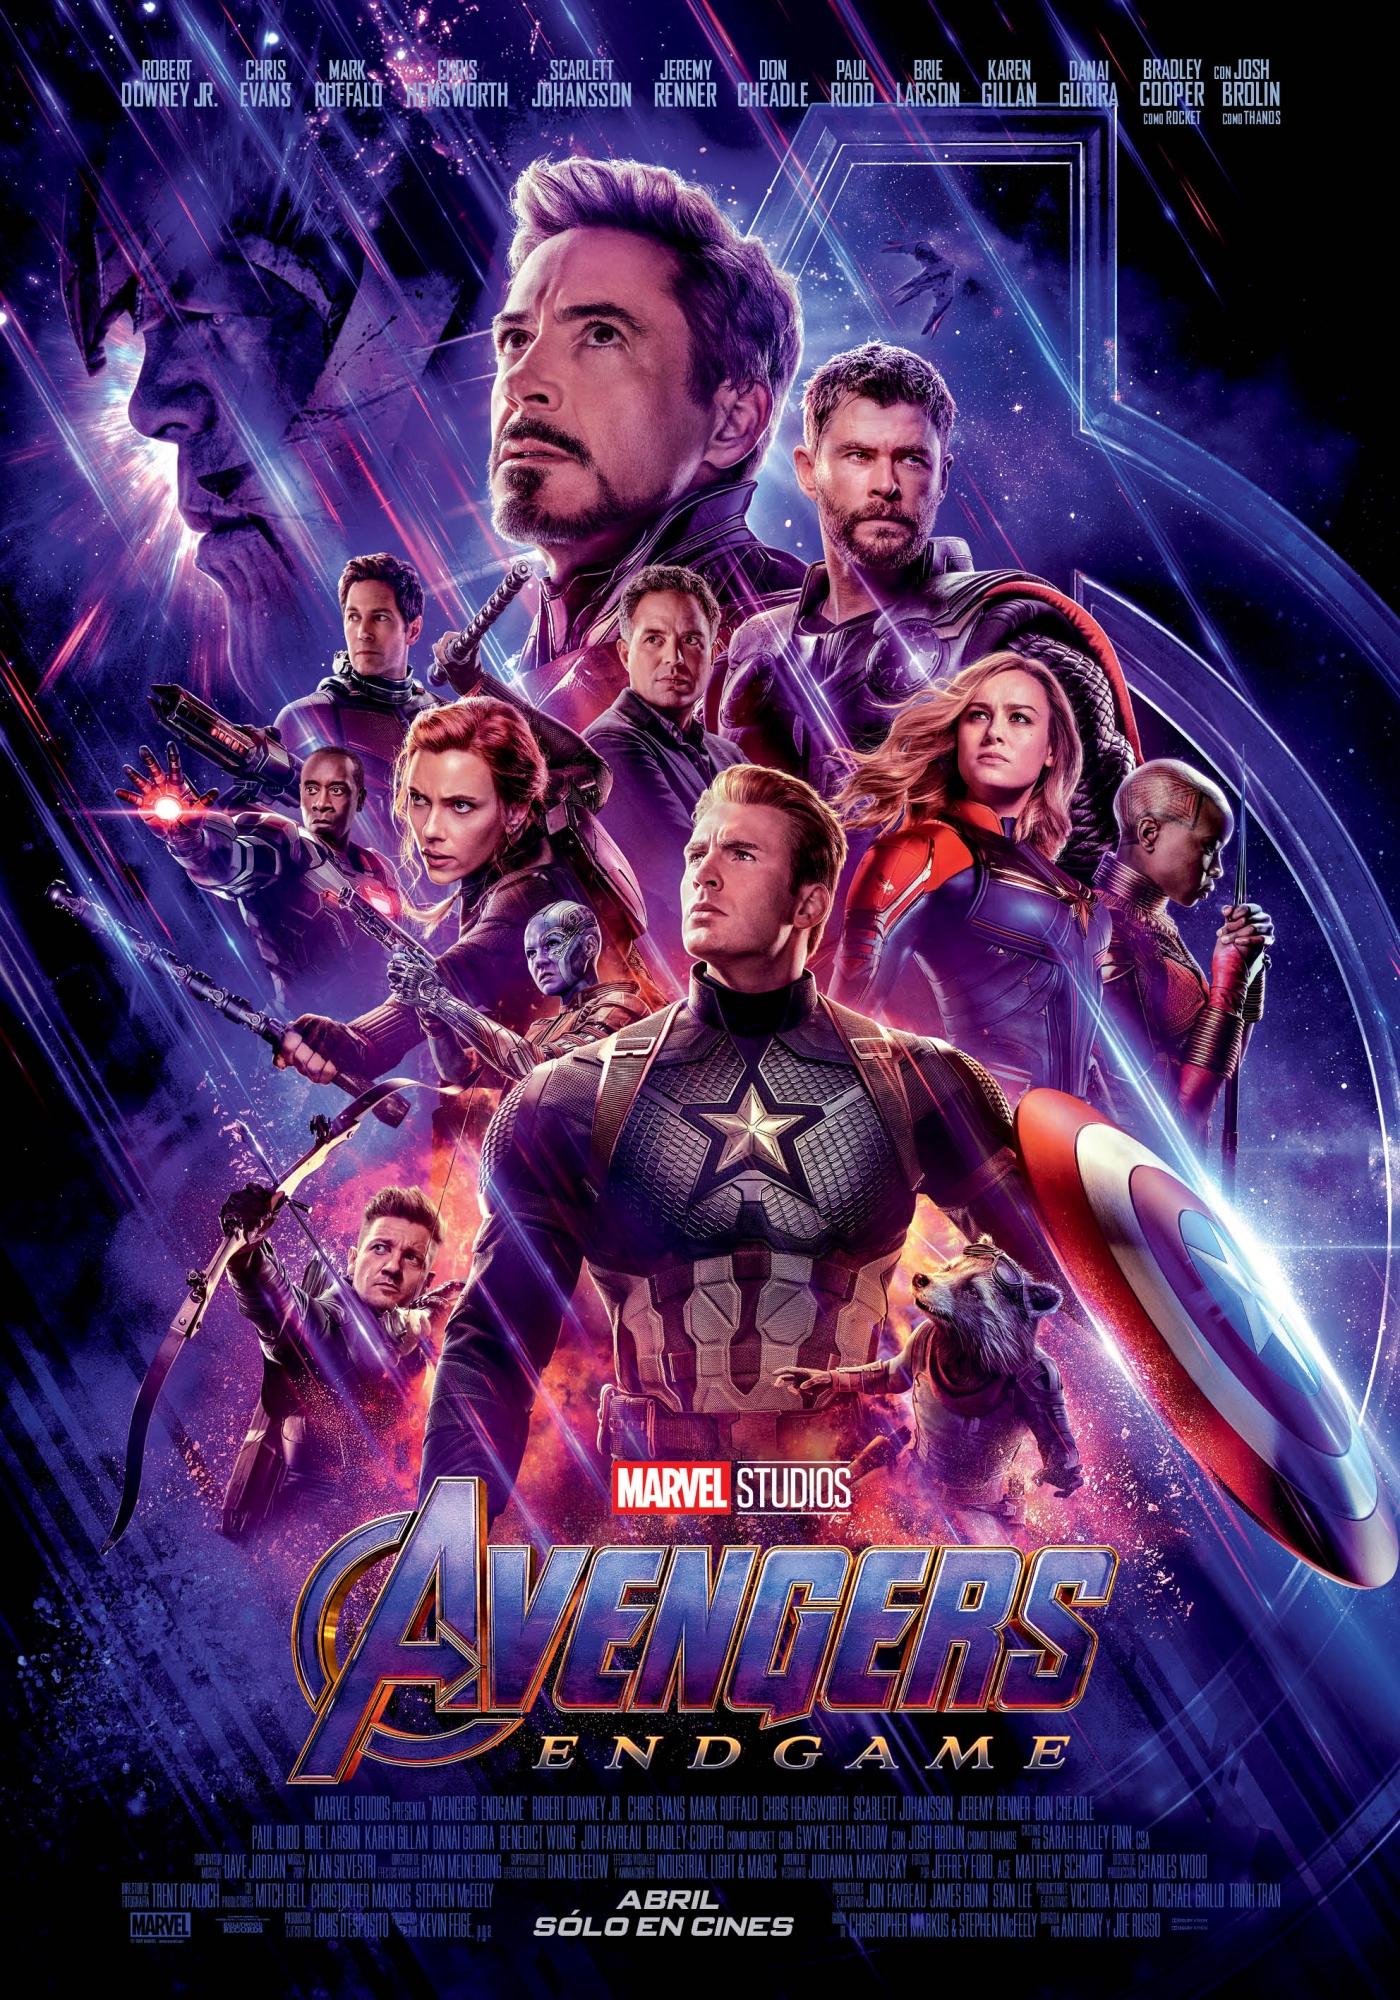 Avengers: Endgame inició la preventa de entradas para la estreno el día de hoy. (Foto: Disney)